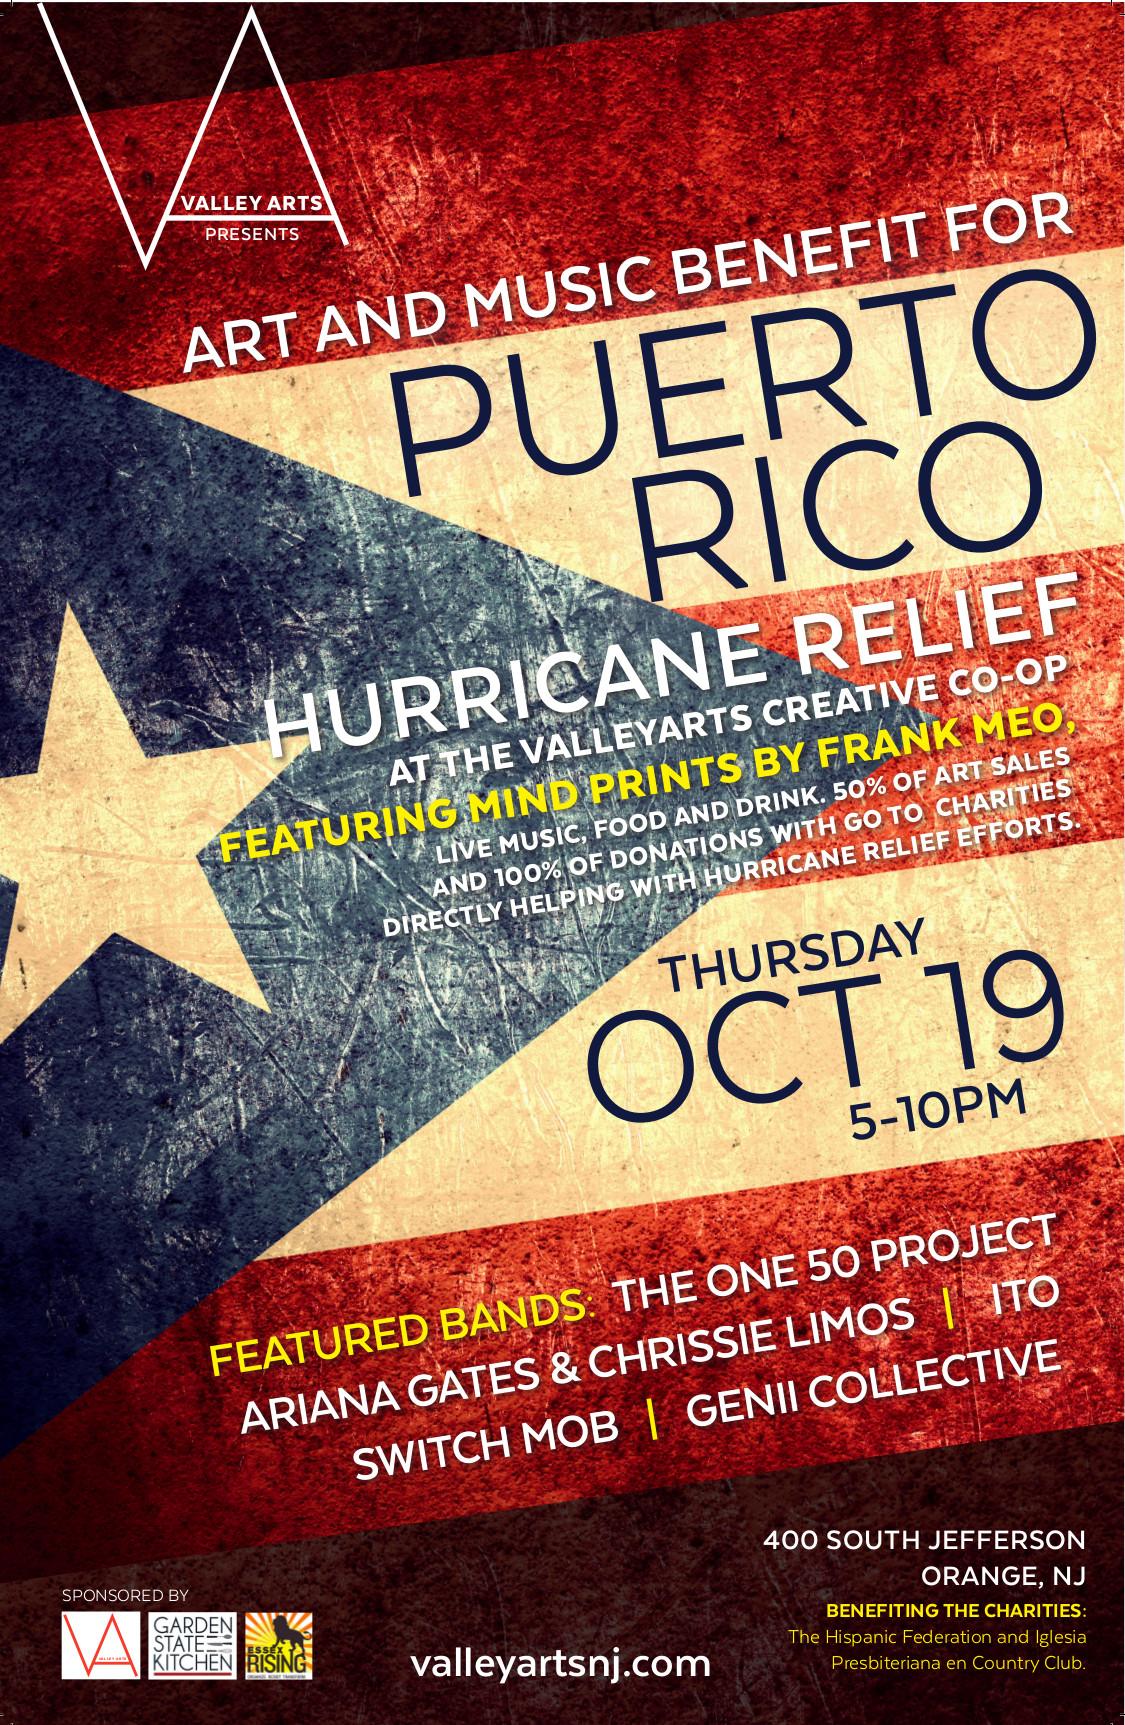 VA.PuertoRico.11x17.final2.jpg